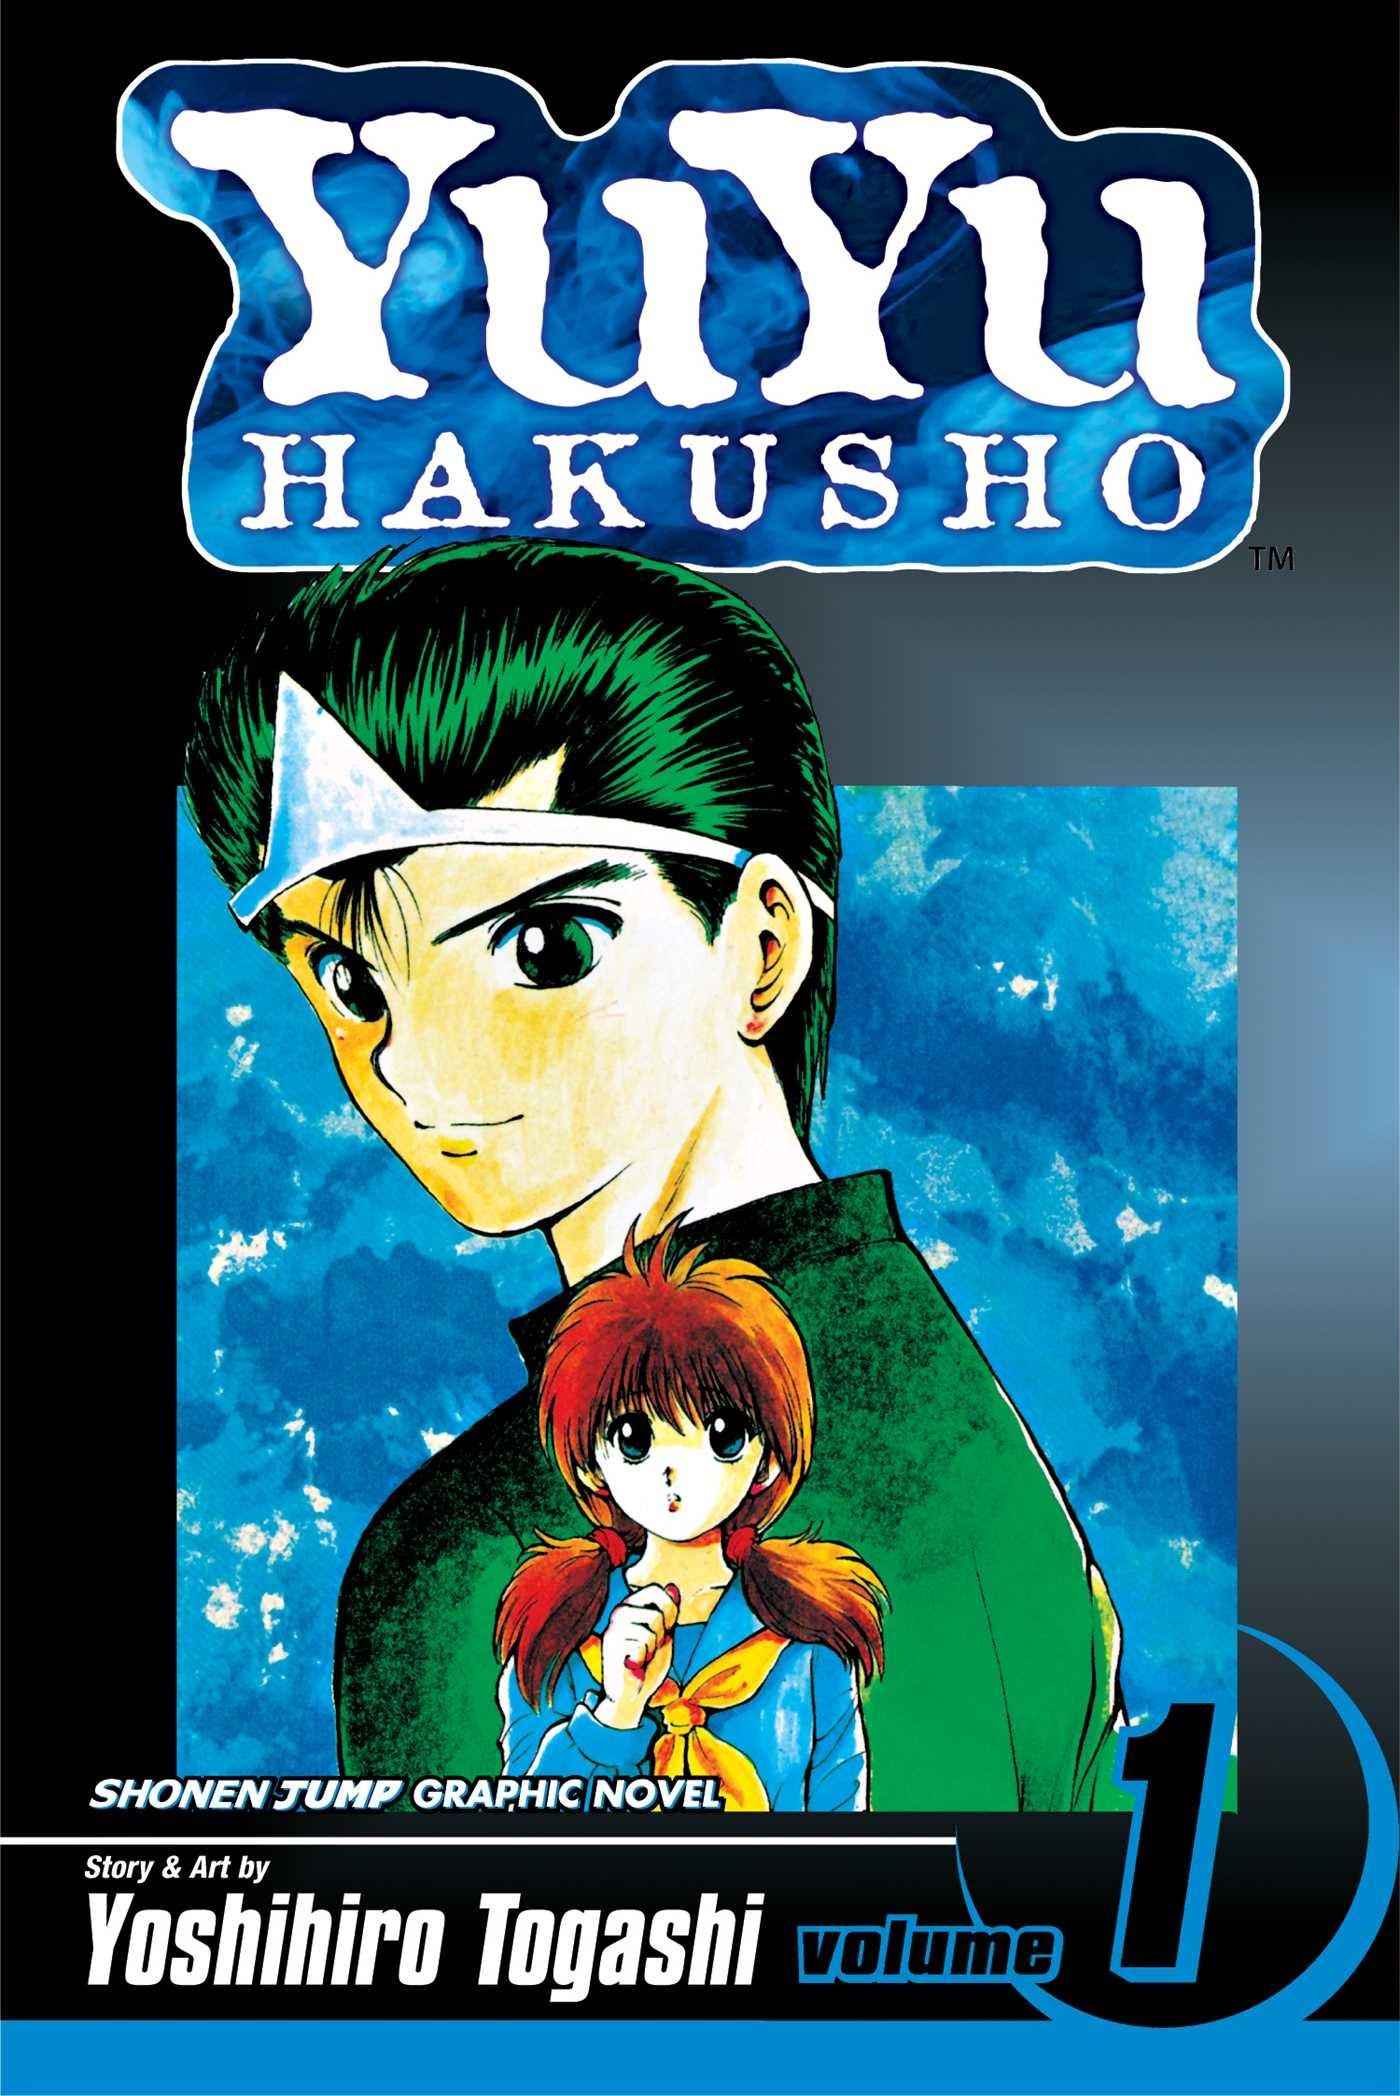 Yuyu Hakusho, Manga, Shonen